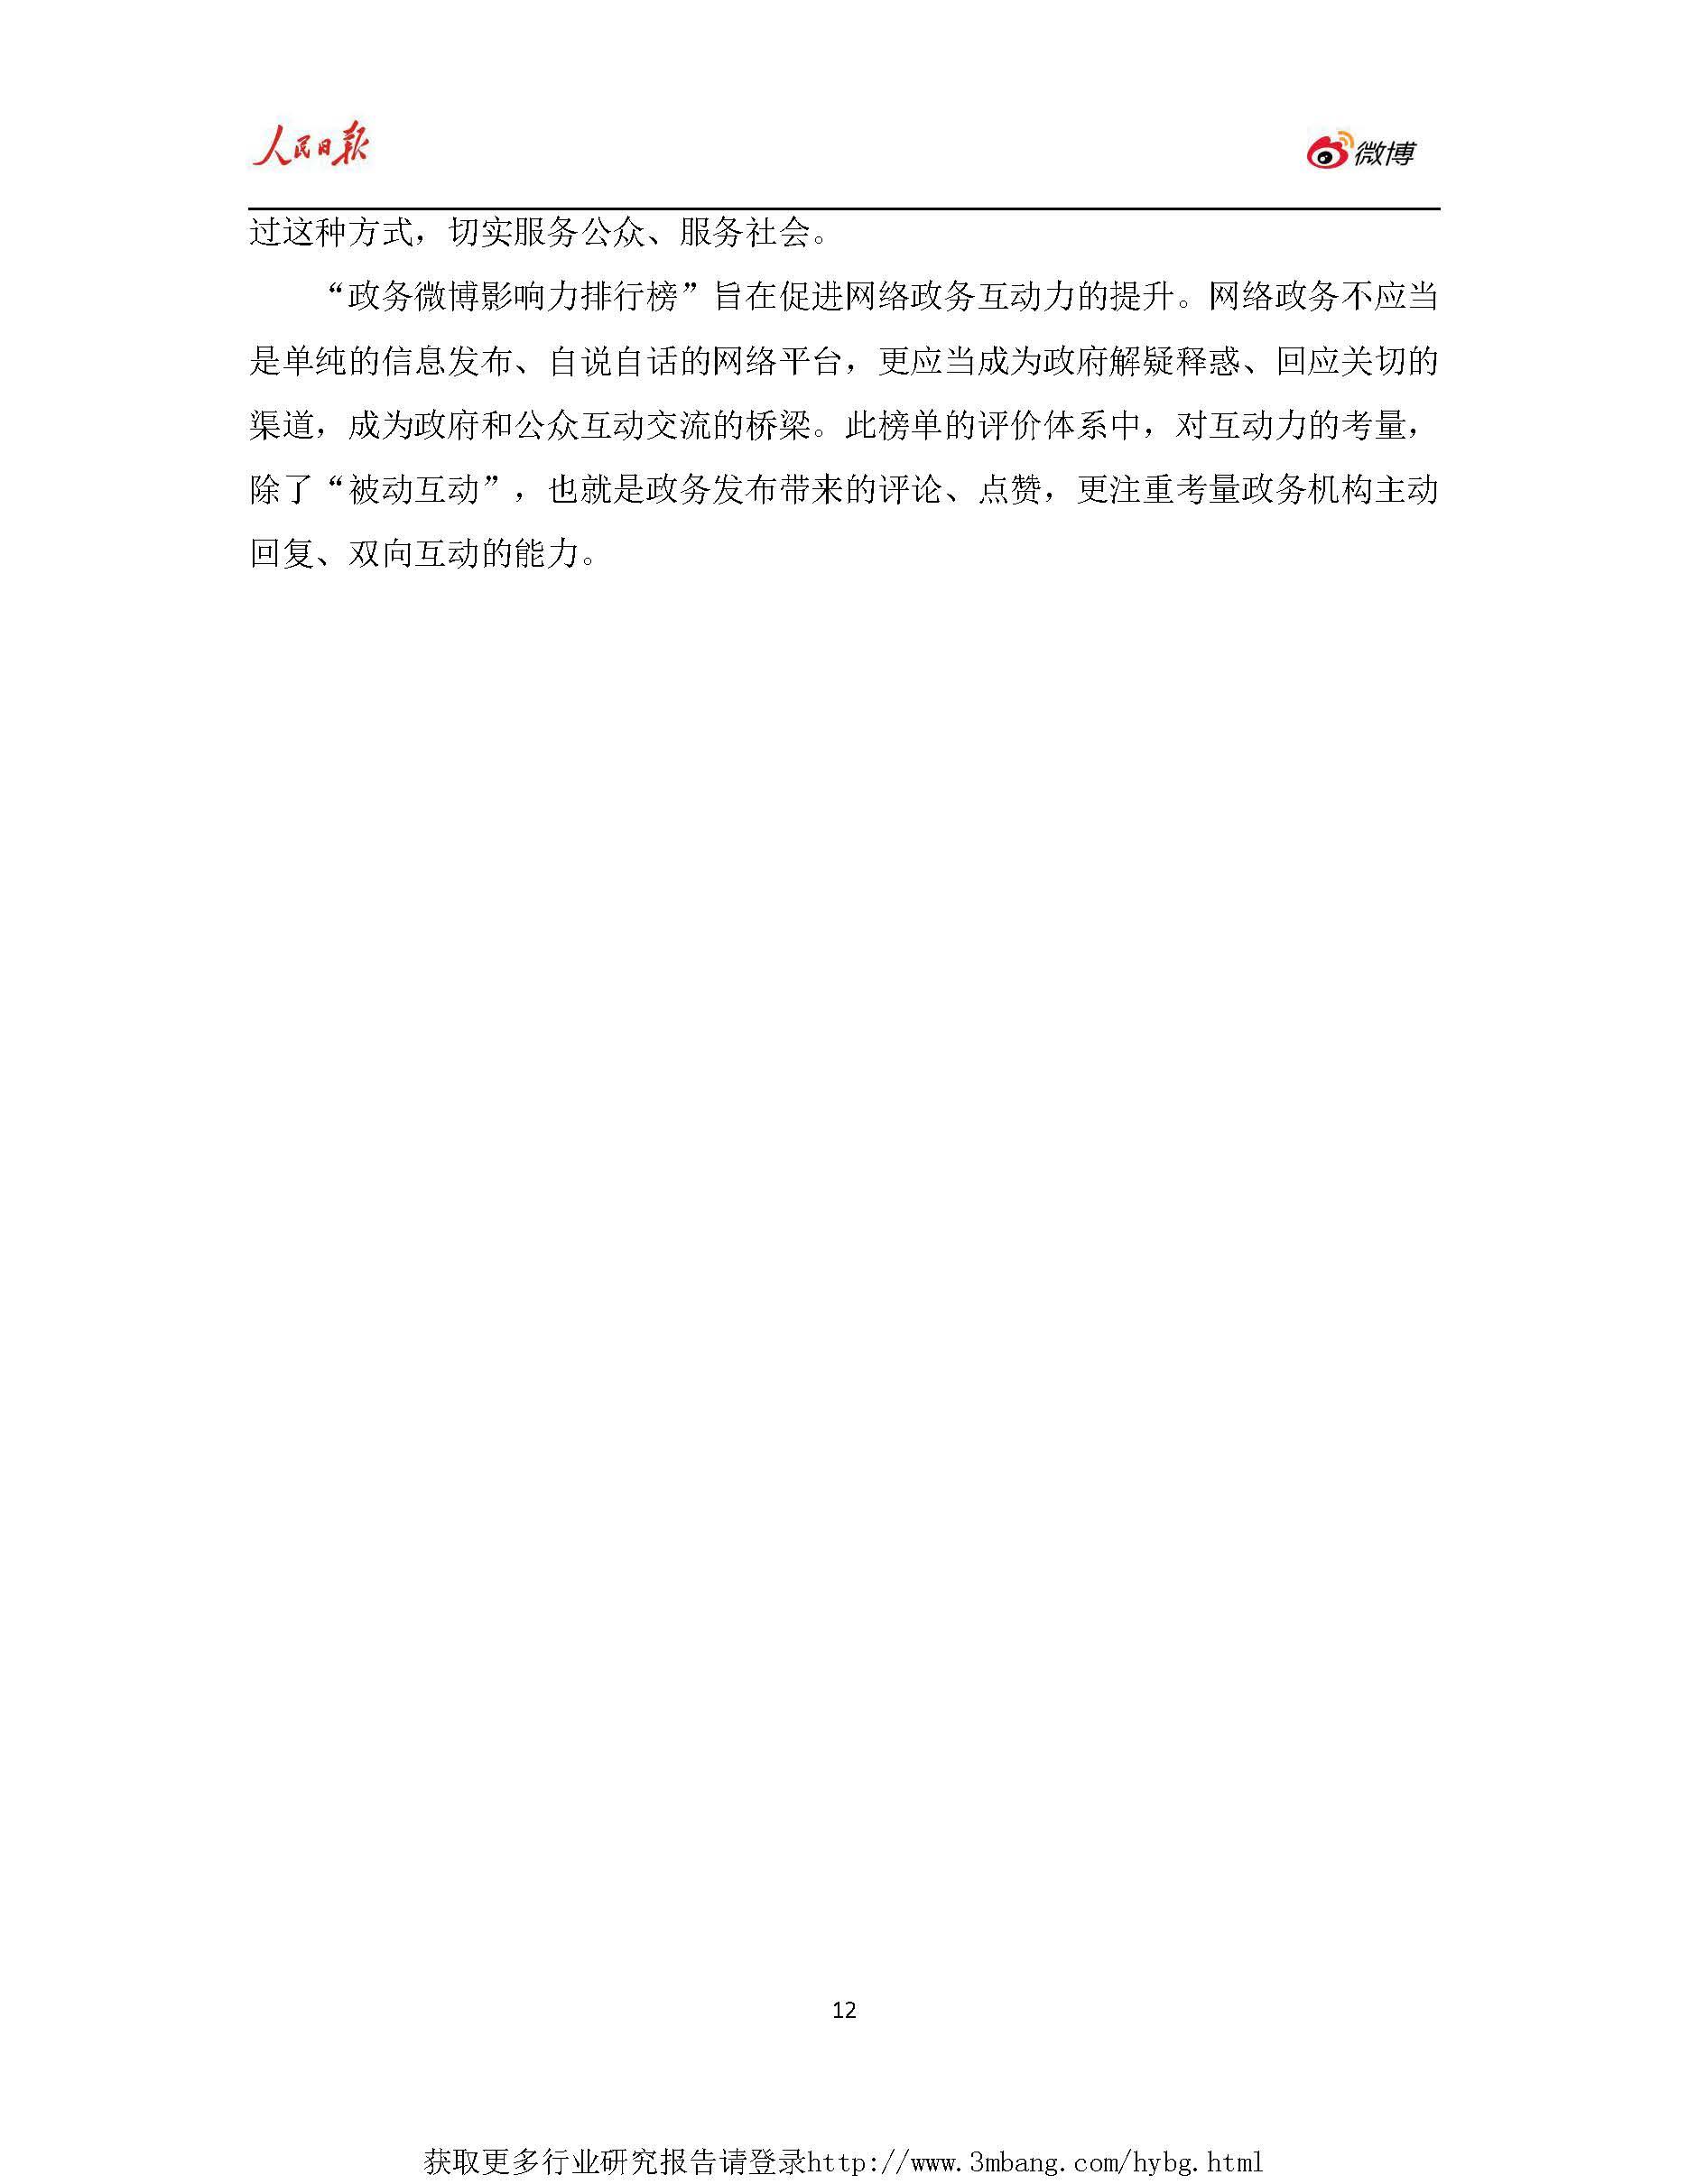 1_页面_017.jpg